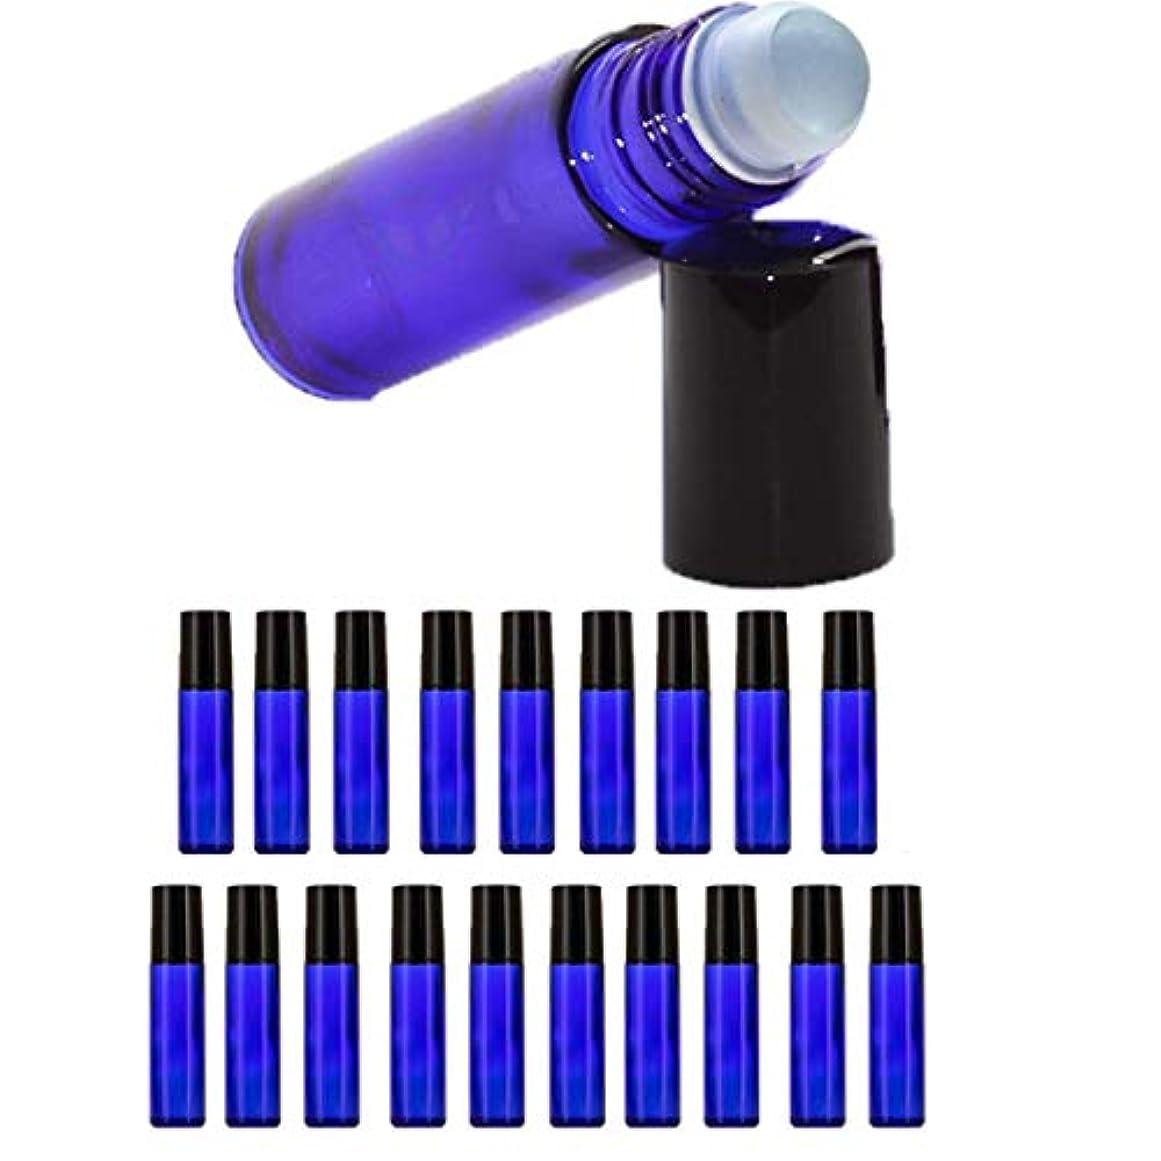 ローズ注入する同性愛者20個セット 遮光瓶 小分け ガラスボトルロールオンボトル 詰め替え 容器 エッセンシャルオイル 遮光ビン